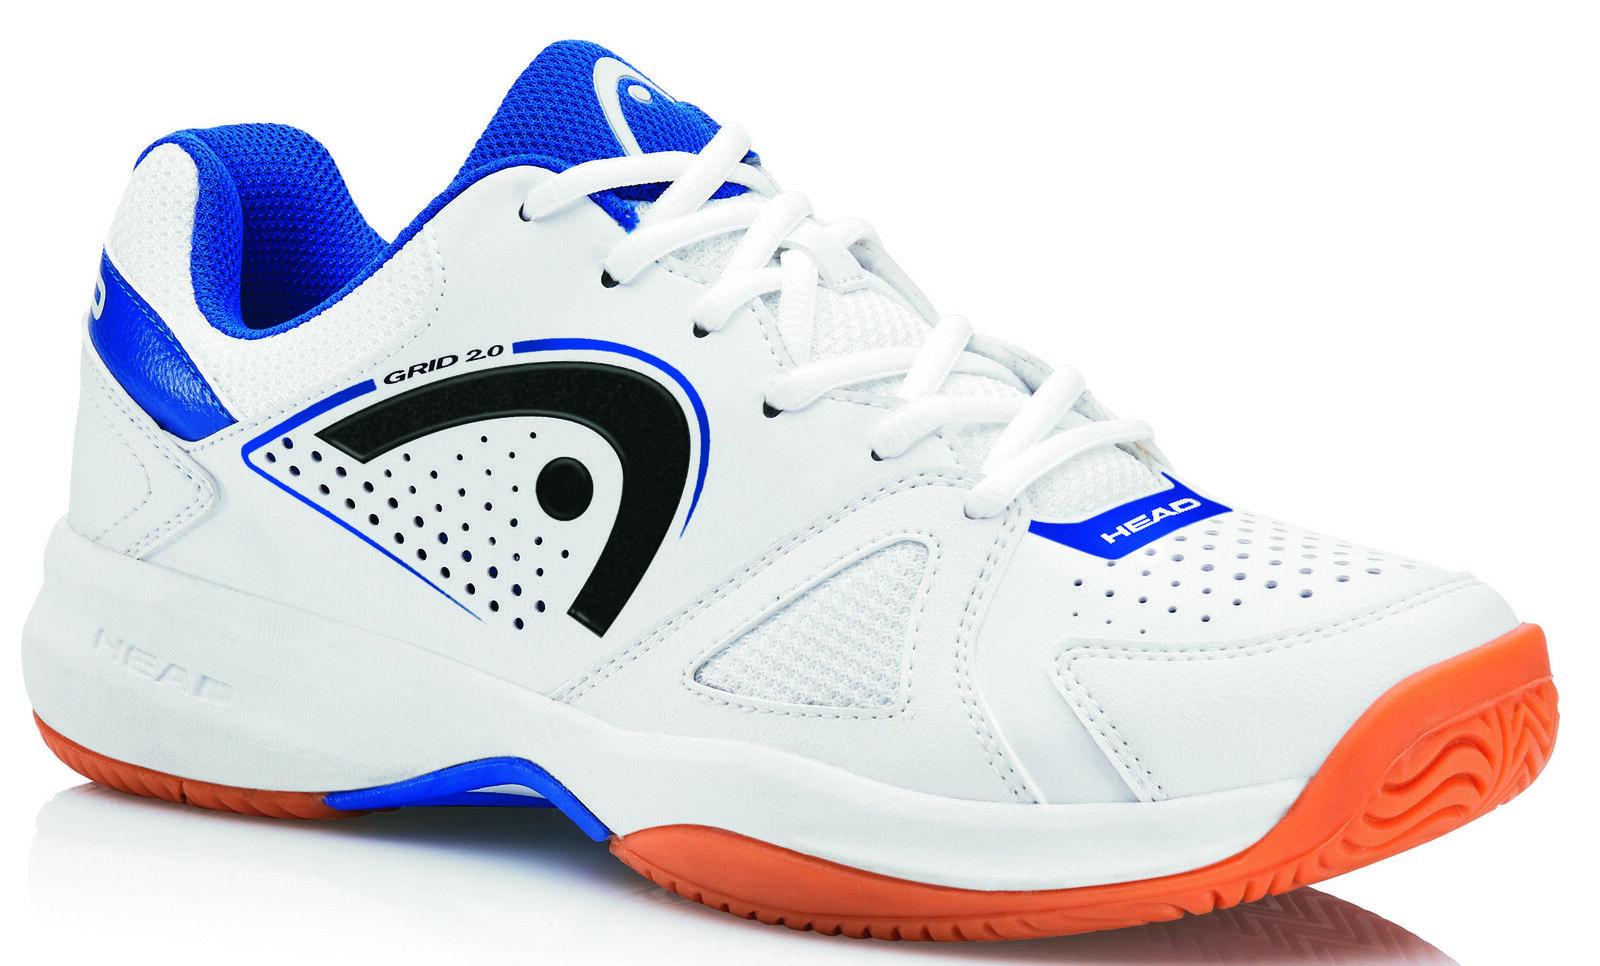 Rejilla de cabeza 2.0 blancoo Azul Marino Para Hombres  Zapatos Tribunal De Interior-Badminton, Squash, vb  edición limitada